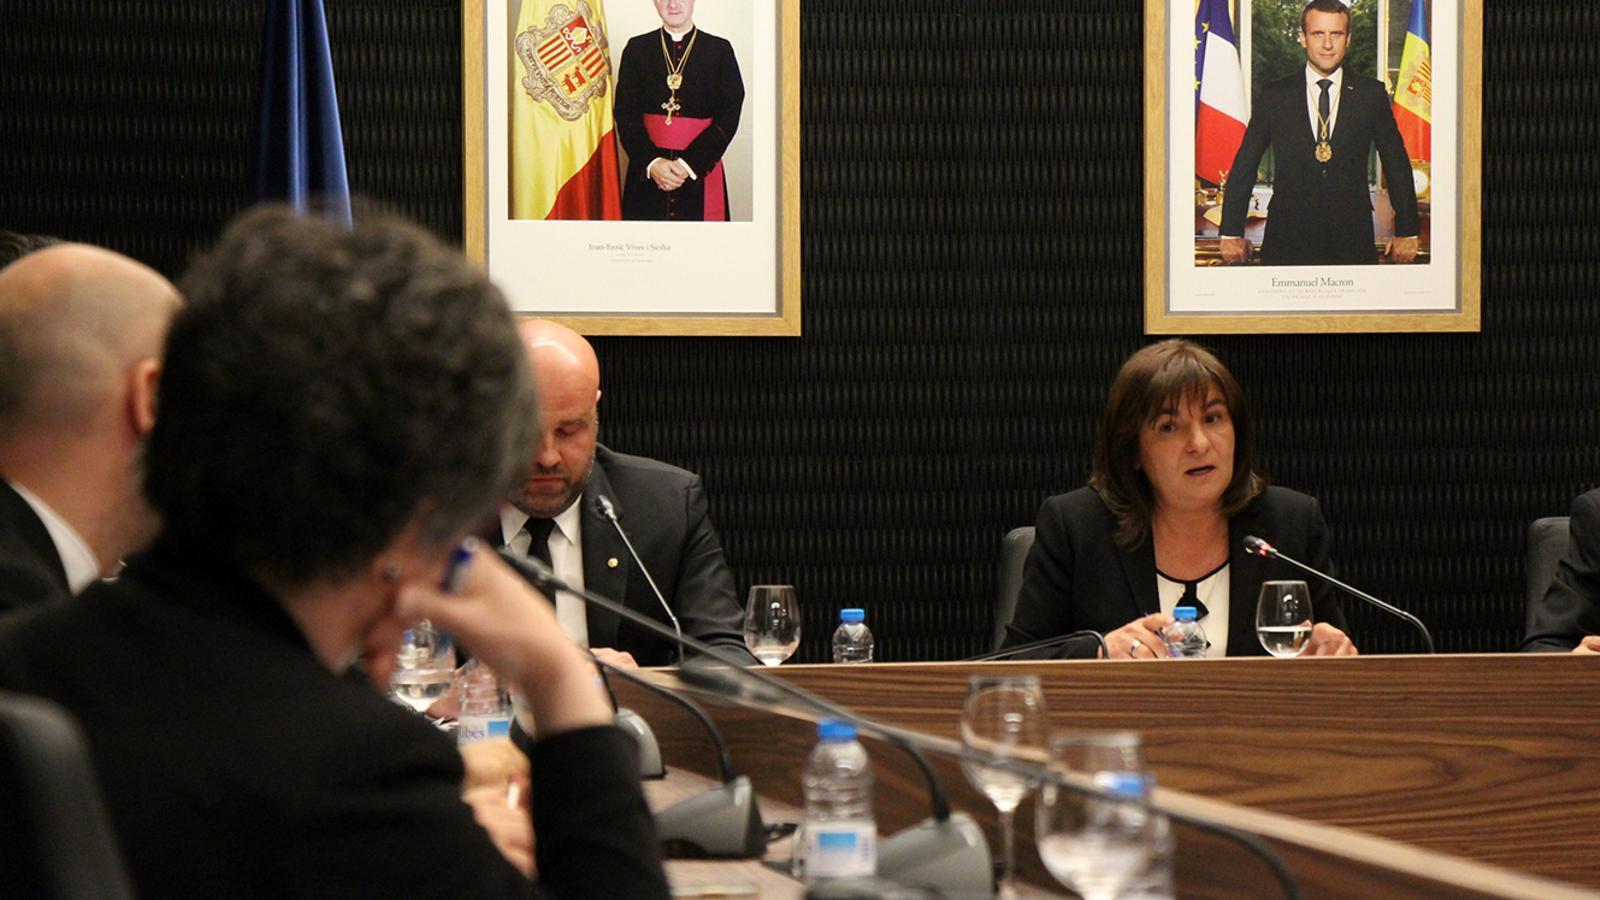 La cònsol major d'Escaldes-Engordany, Trini Marín, durant l'esbroncada amb la consellera del PS+I, Cèlia Vendrell, que està d'esquenes. / M. M.